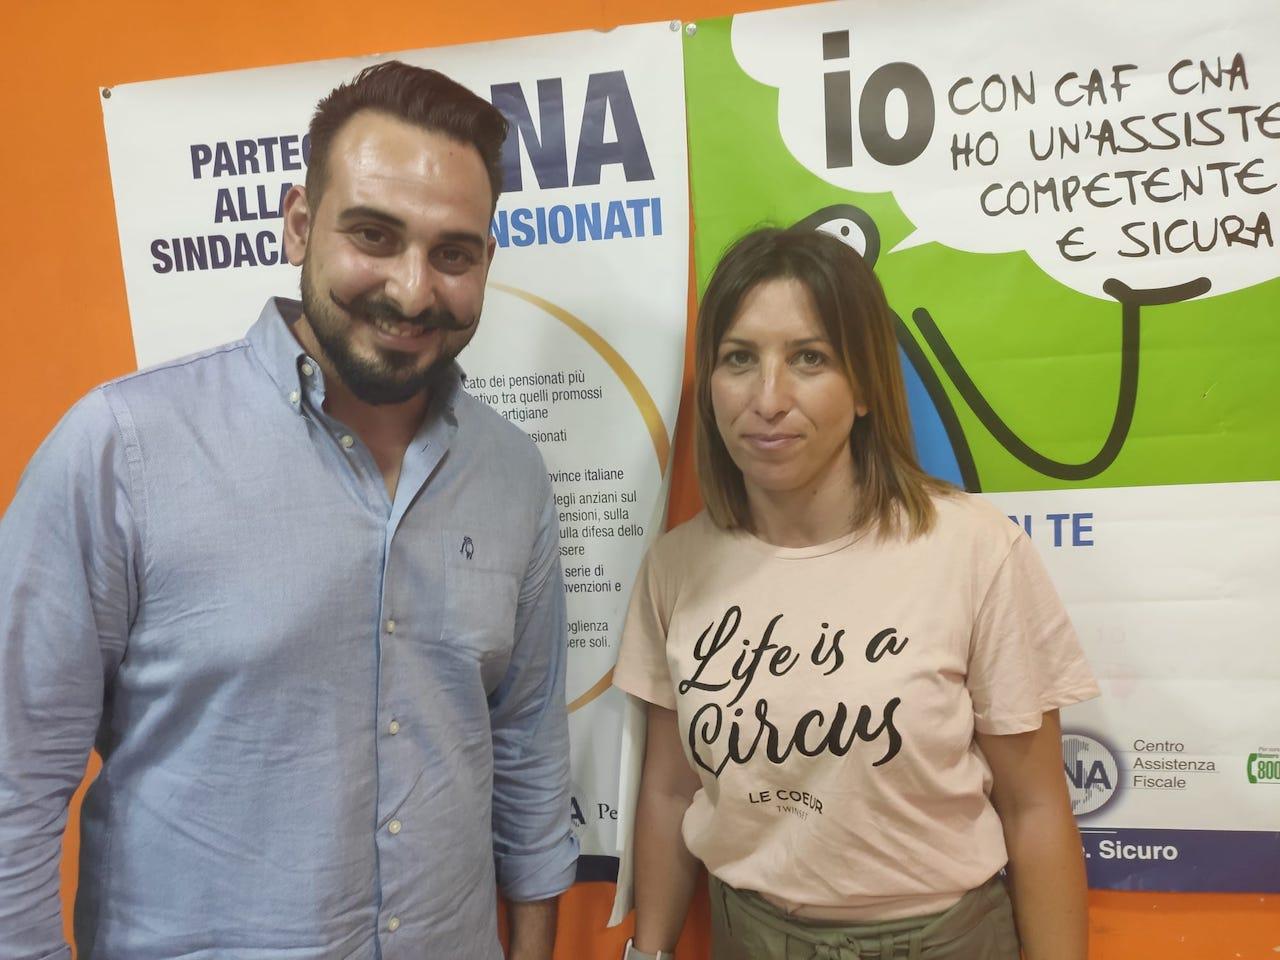 Asfalto in pieno luglio a Marzamemi, Cna di Pachino: fermate i lavori